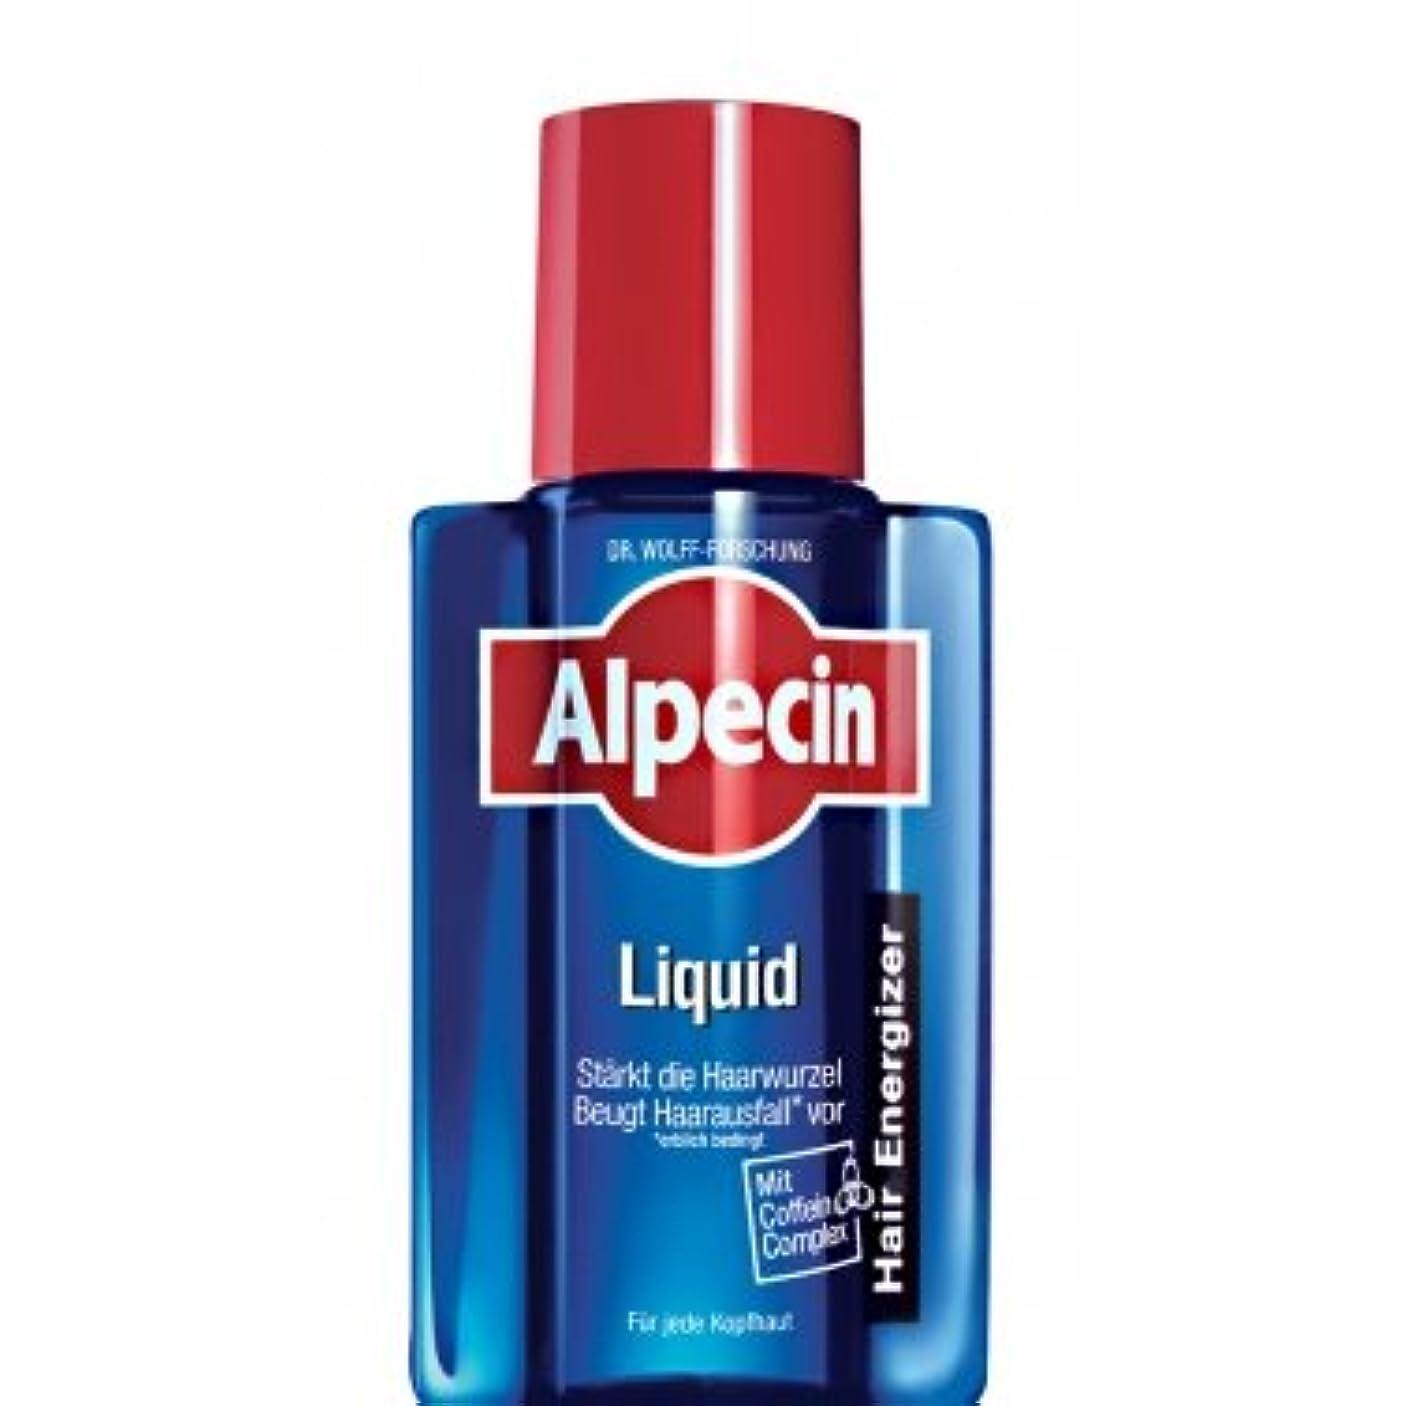 ALPECIN オーガニックシャンプー アフターシャンプーリキッド 200ml【並行輸入品】